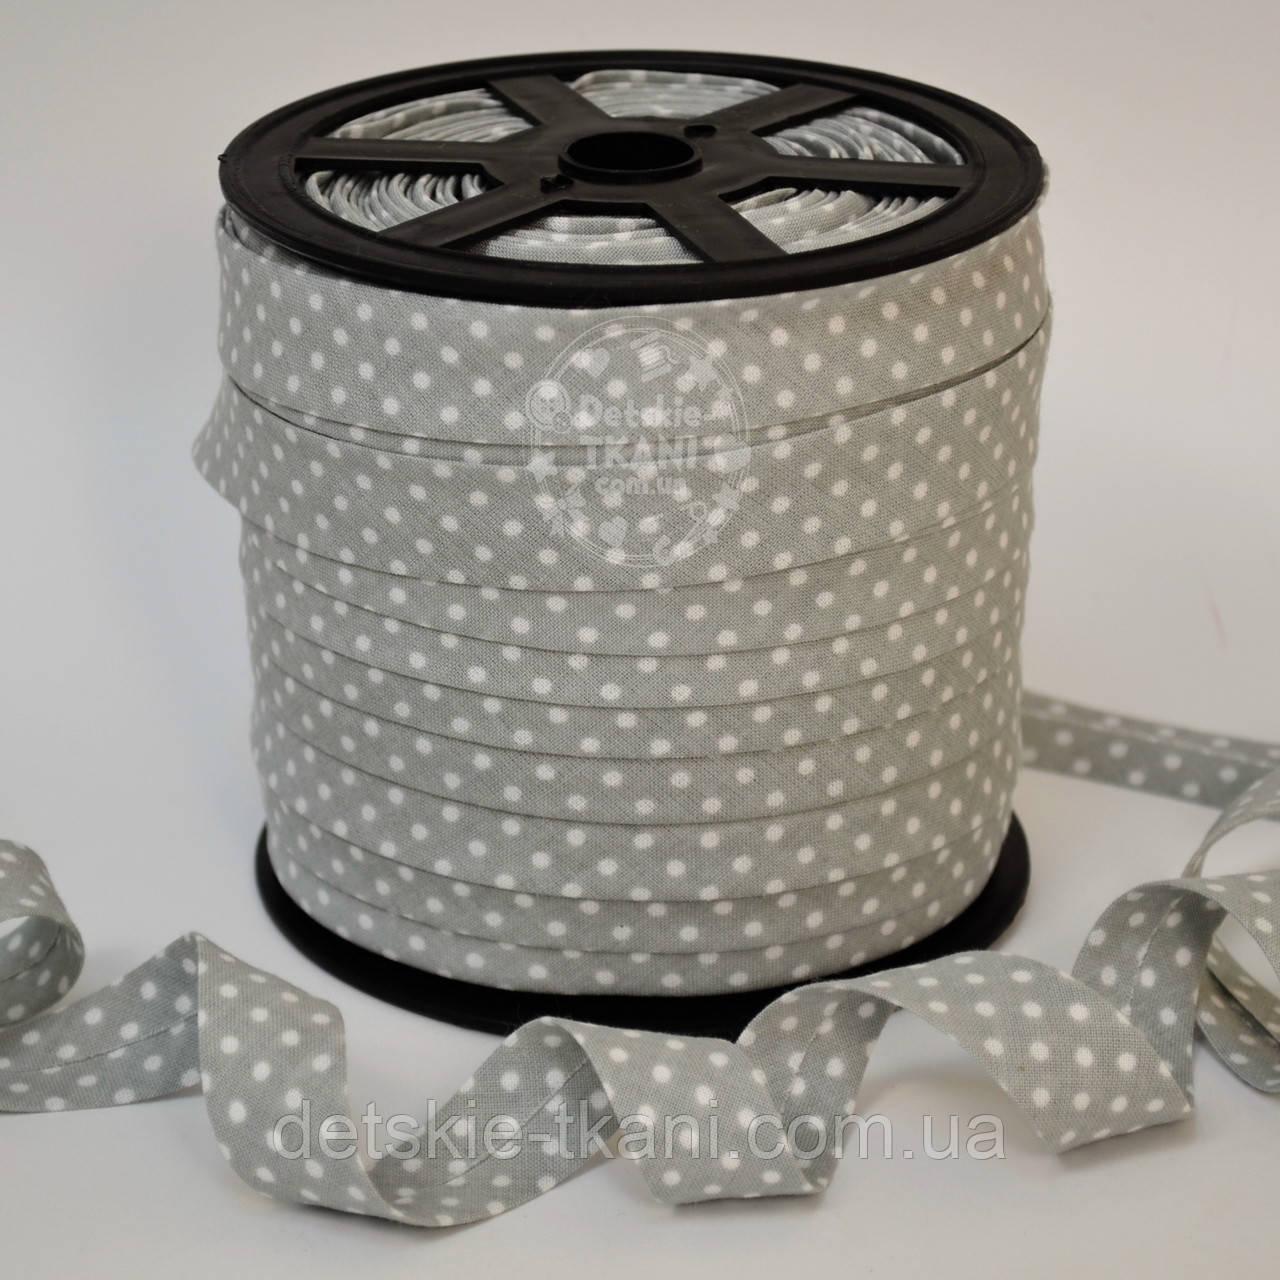 Косая бейка из хлопка для окантовки с белым горошком 2 мм  на светло-сером фоне